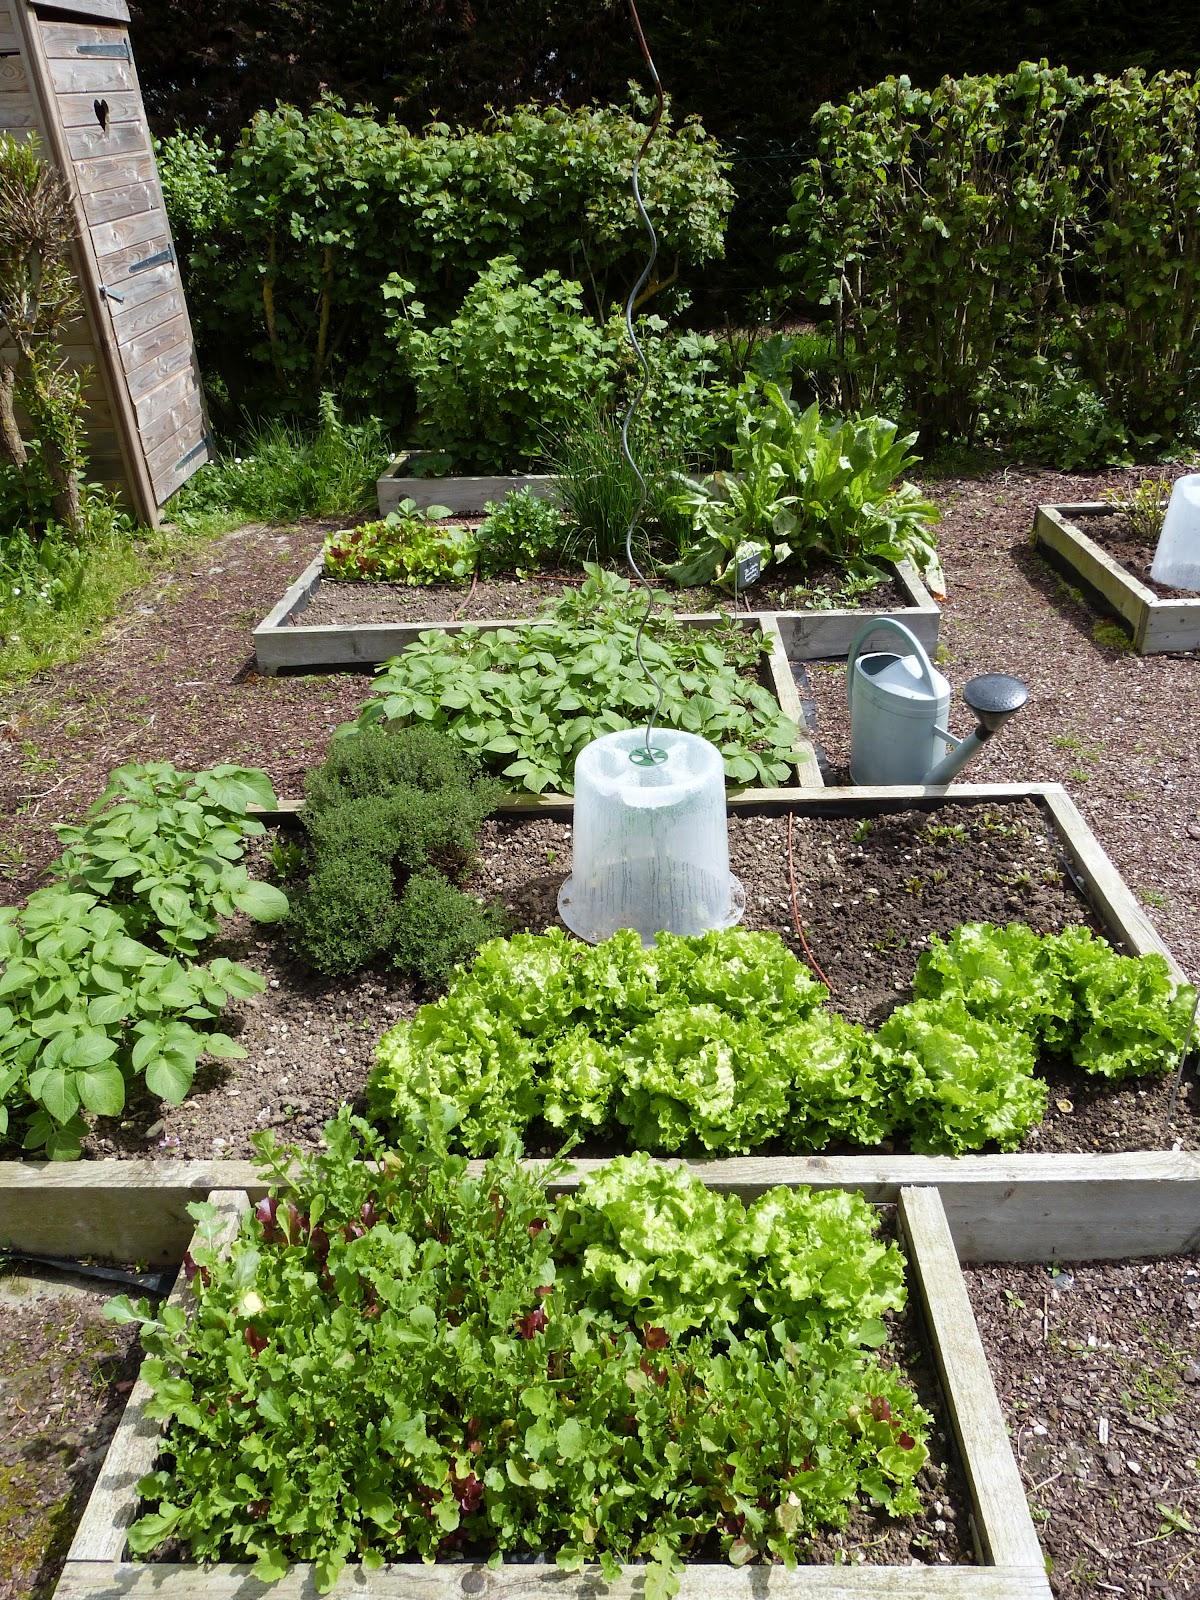 On verra au jardin des nouveaut s au potager en carr s - Petit jardin potager carre ...